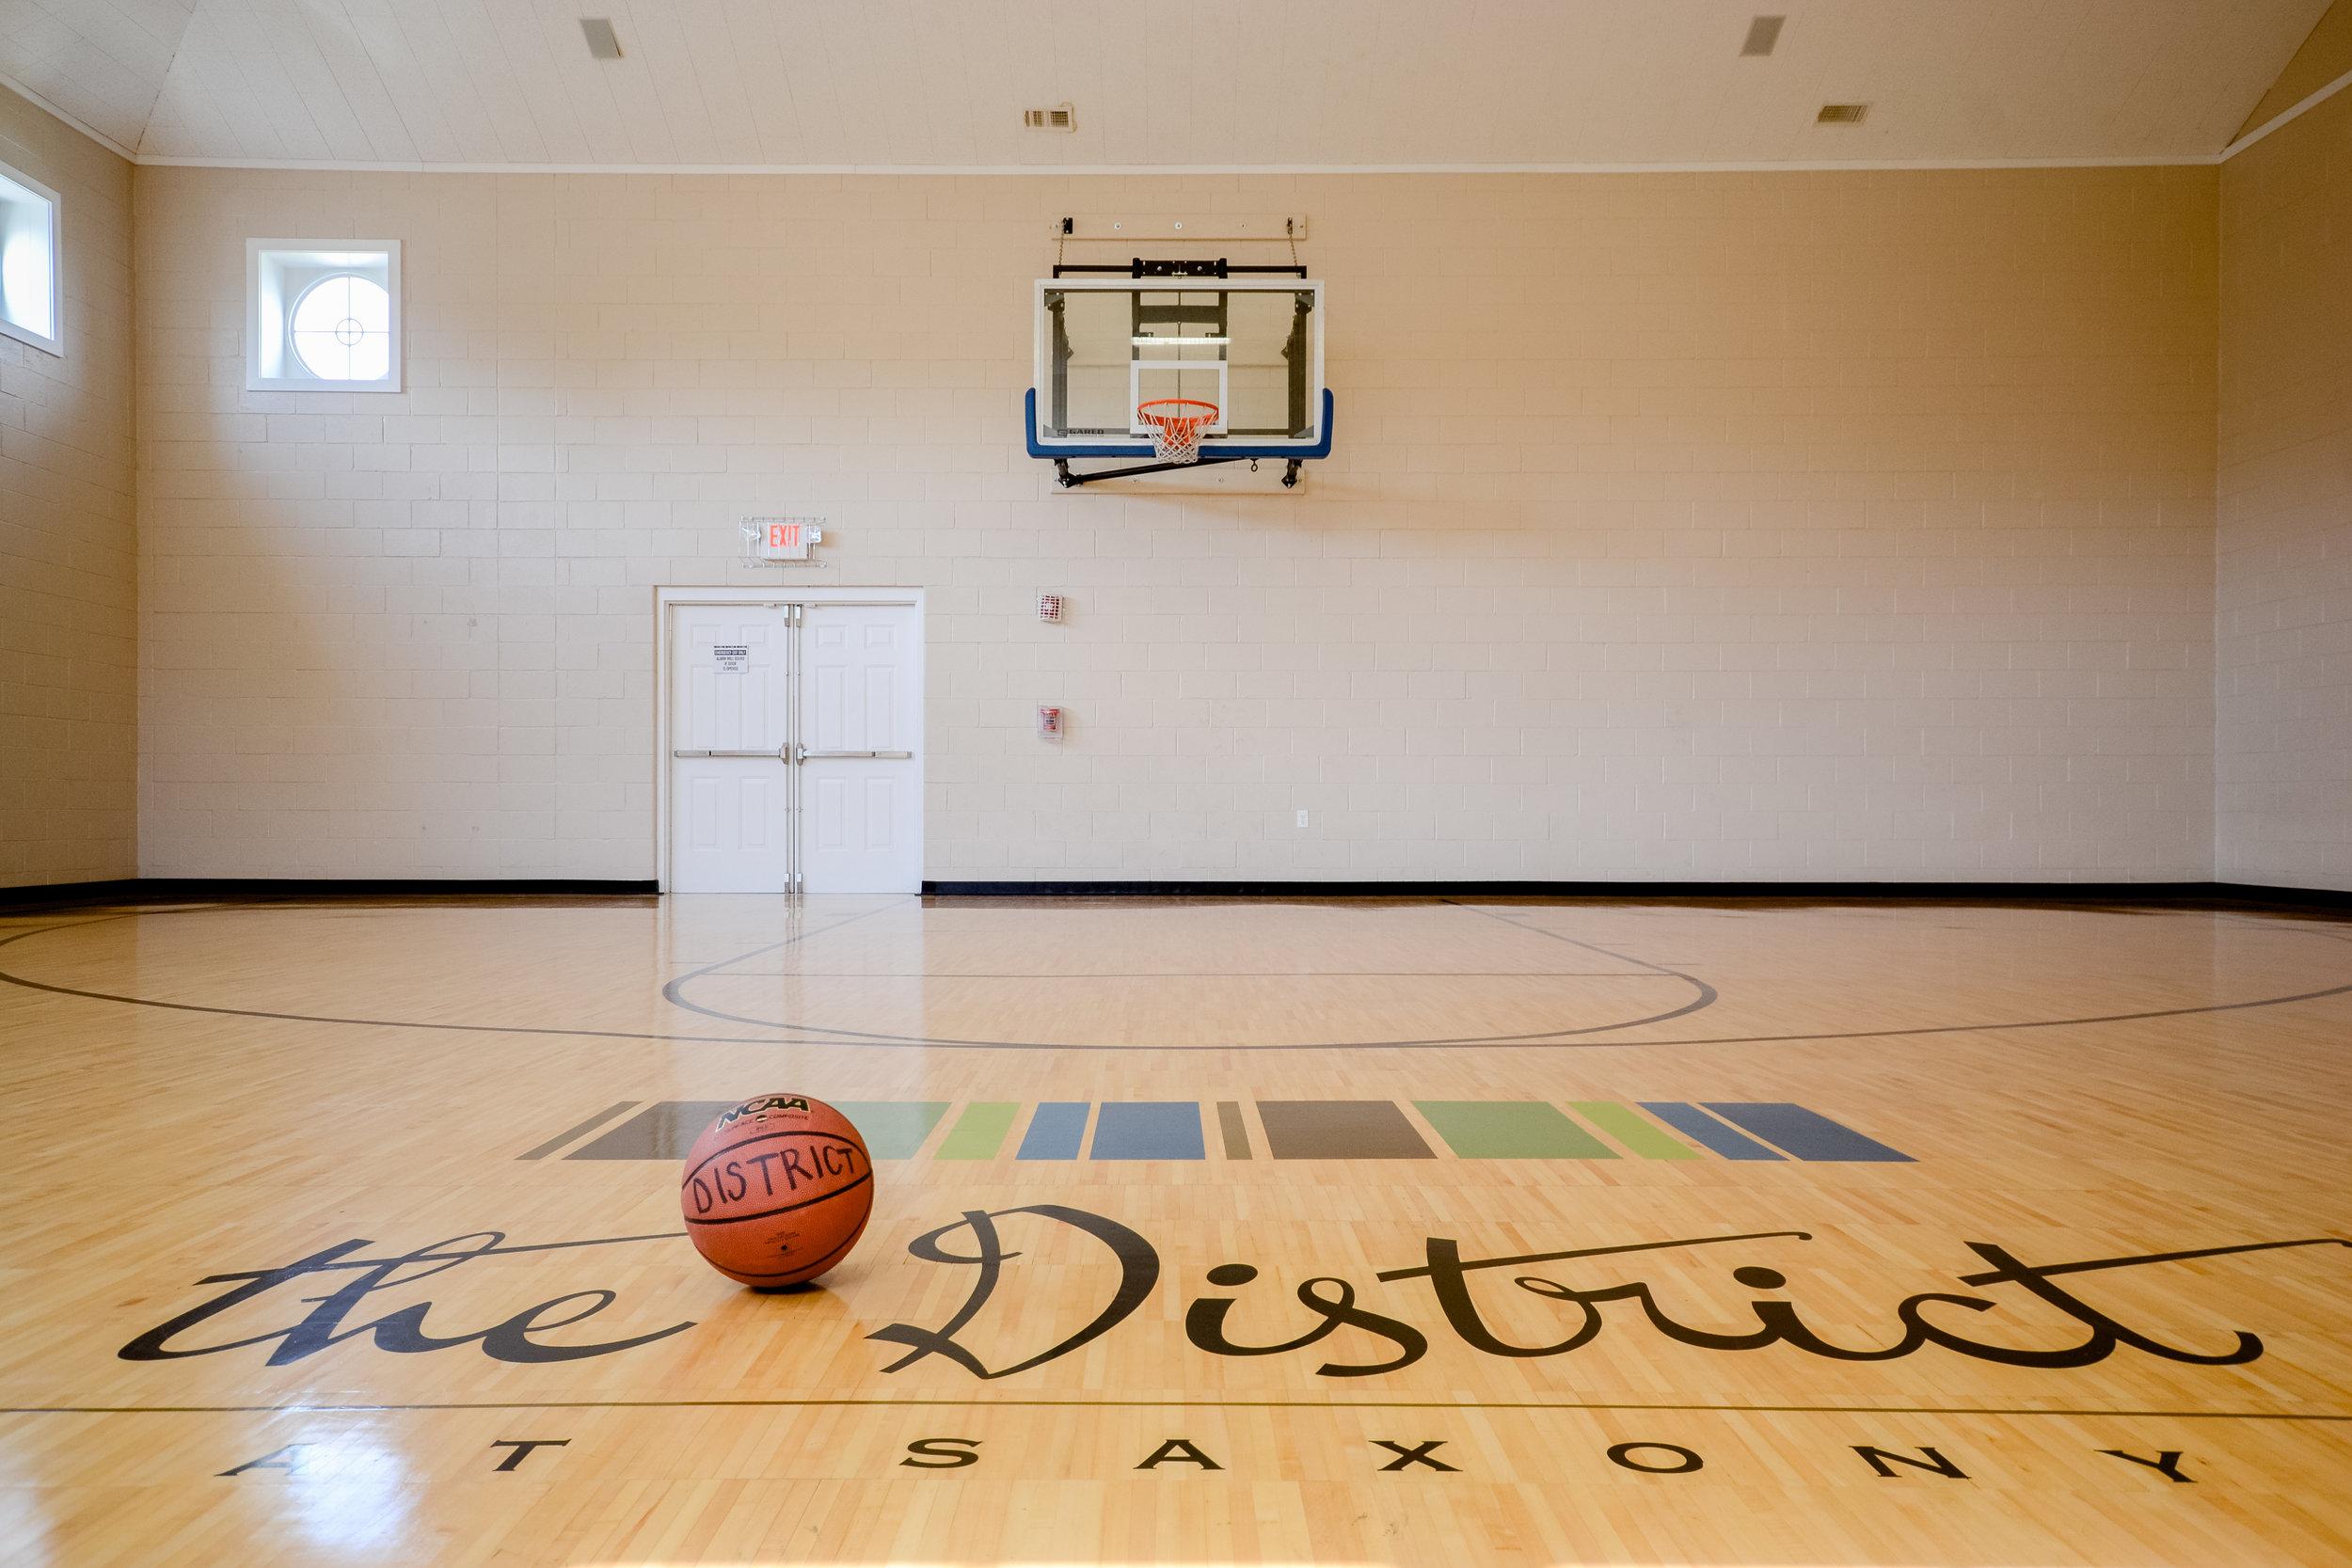 District - basketball court (amenities).jpg